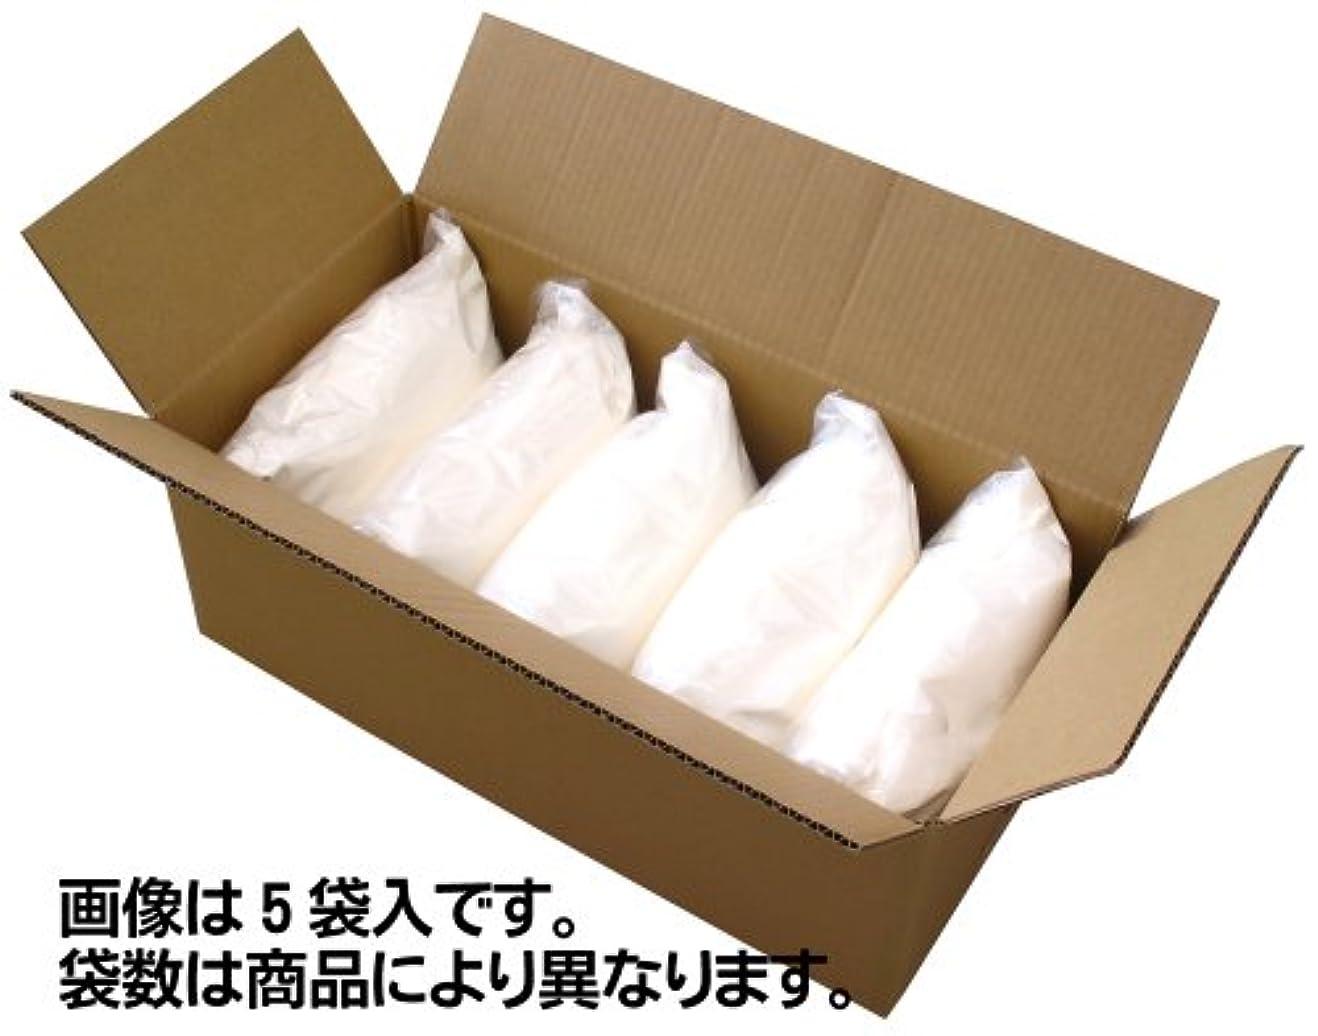 ナインへ旅行住居業務用 難消化性デキストリン4kg×3袋 水溶性食物繊維約85%